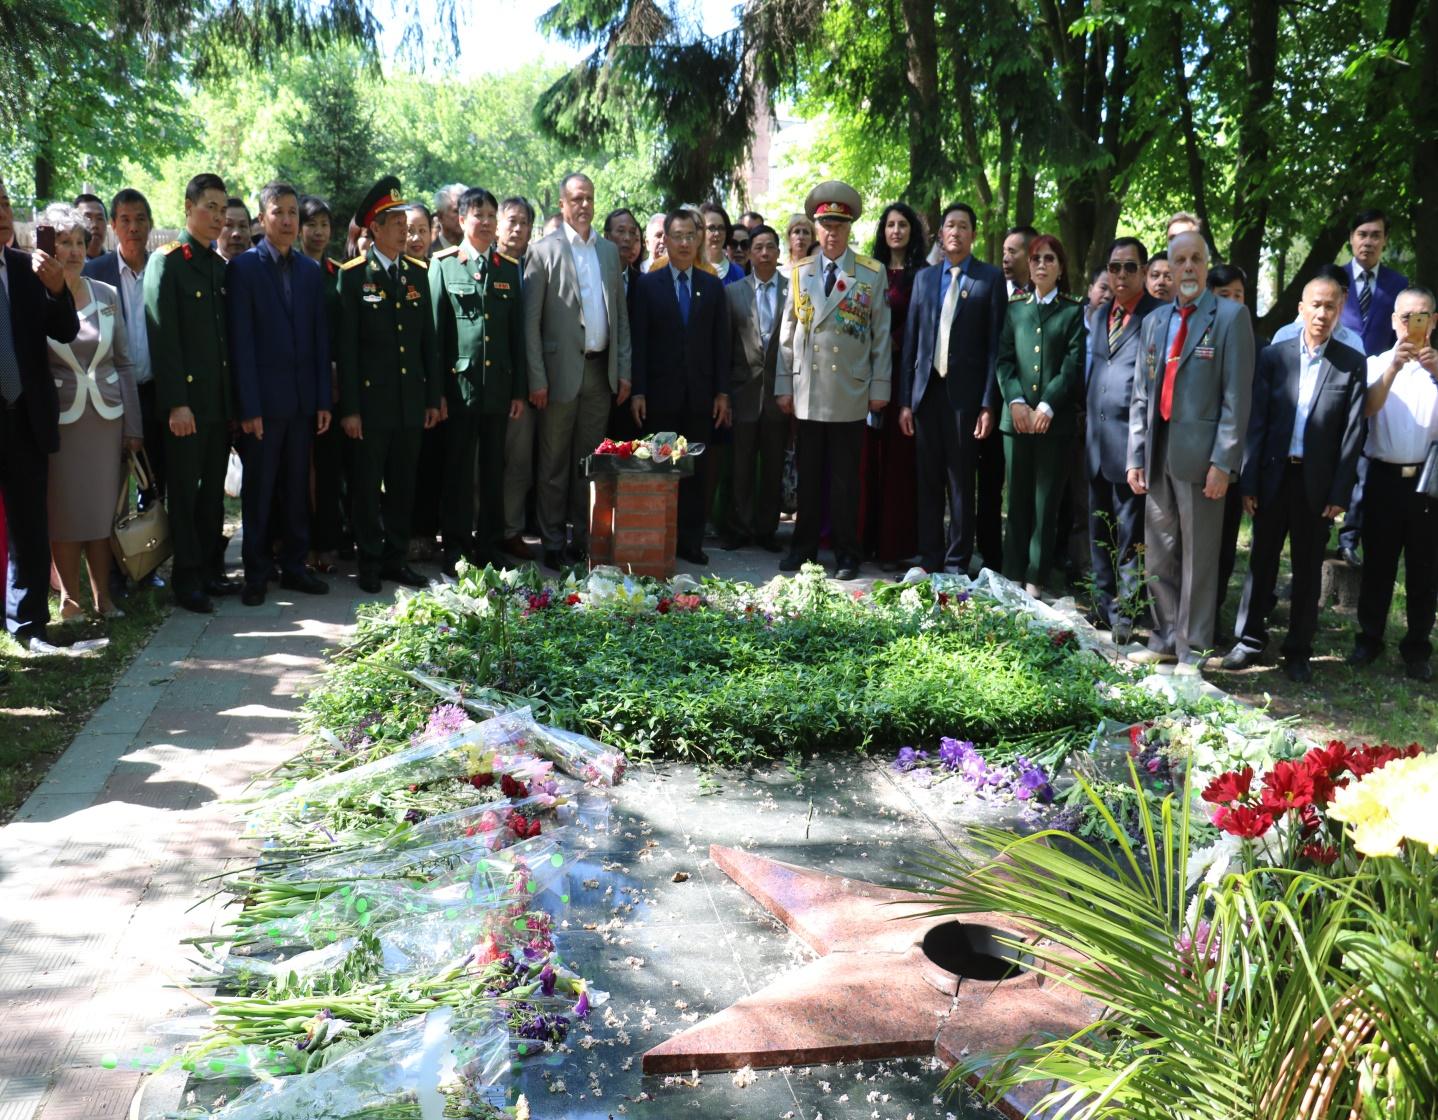 Ucraina: Gặp gỡ các cựu chiến binh nhân ngày chiến thắng